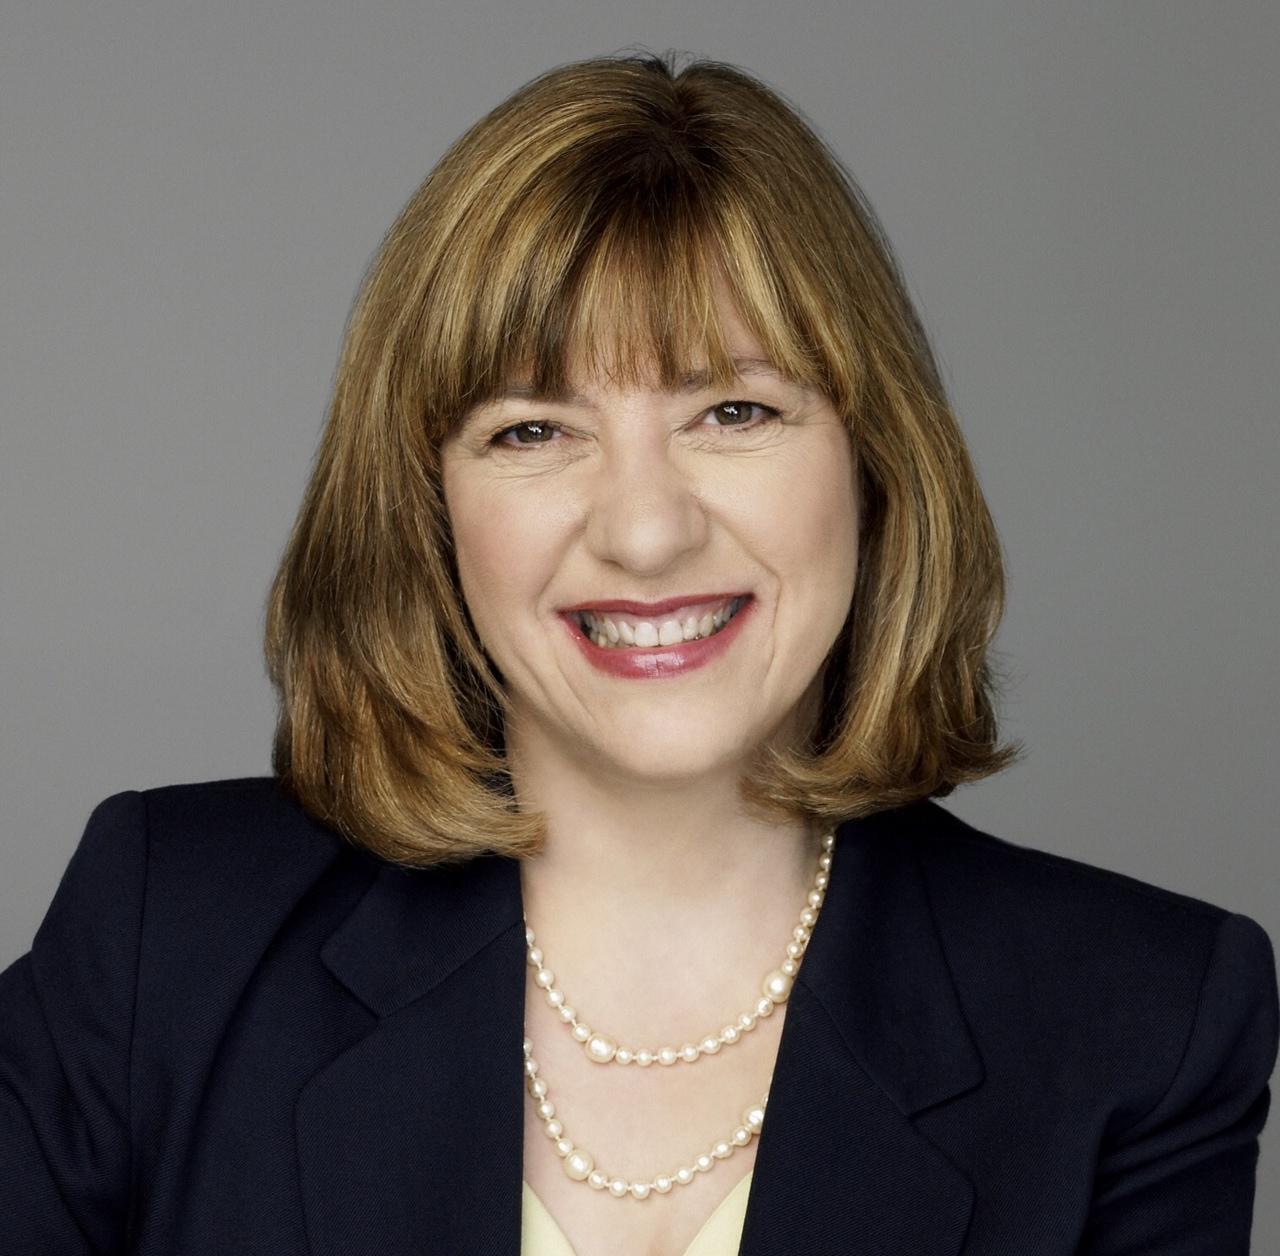 Laurie Dean Baird